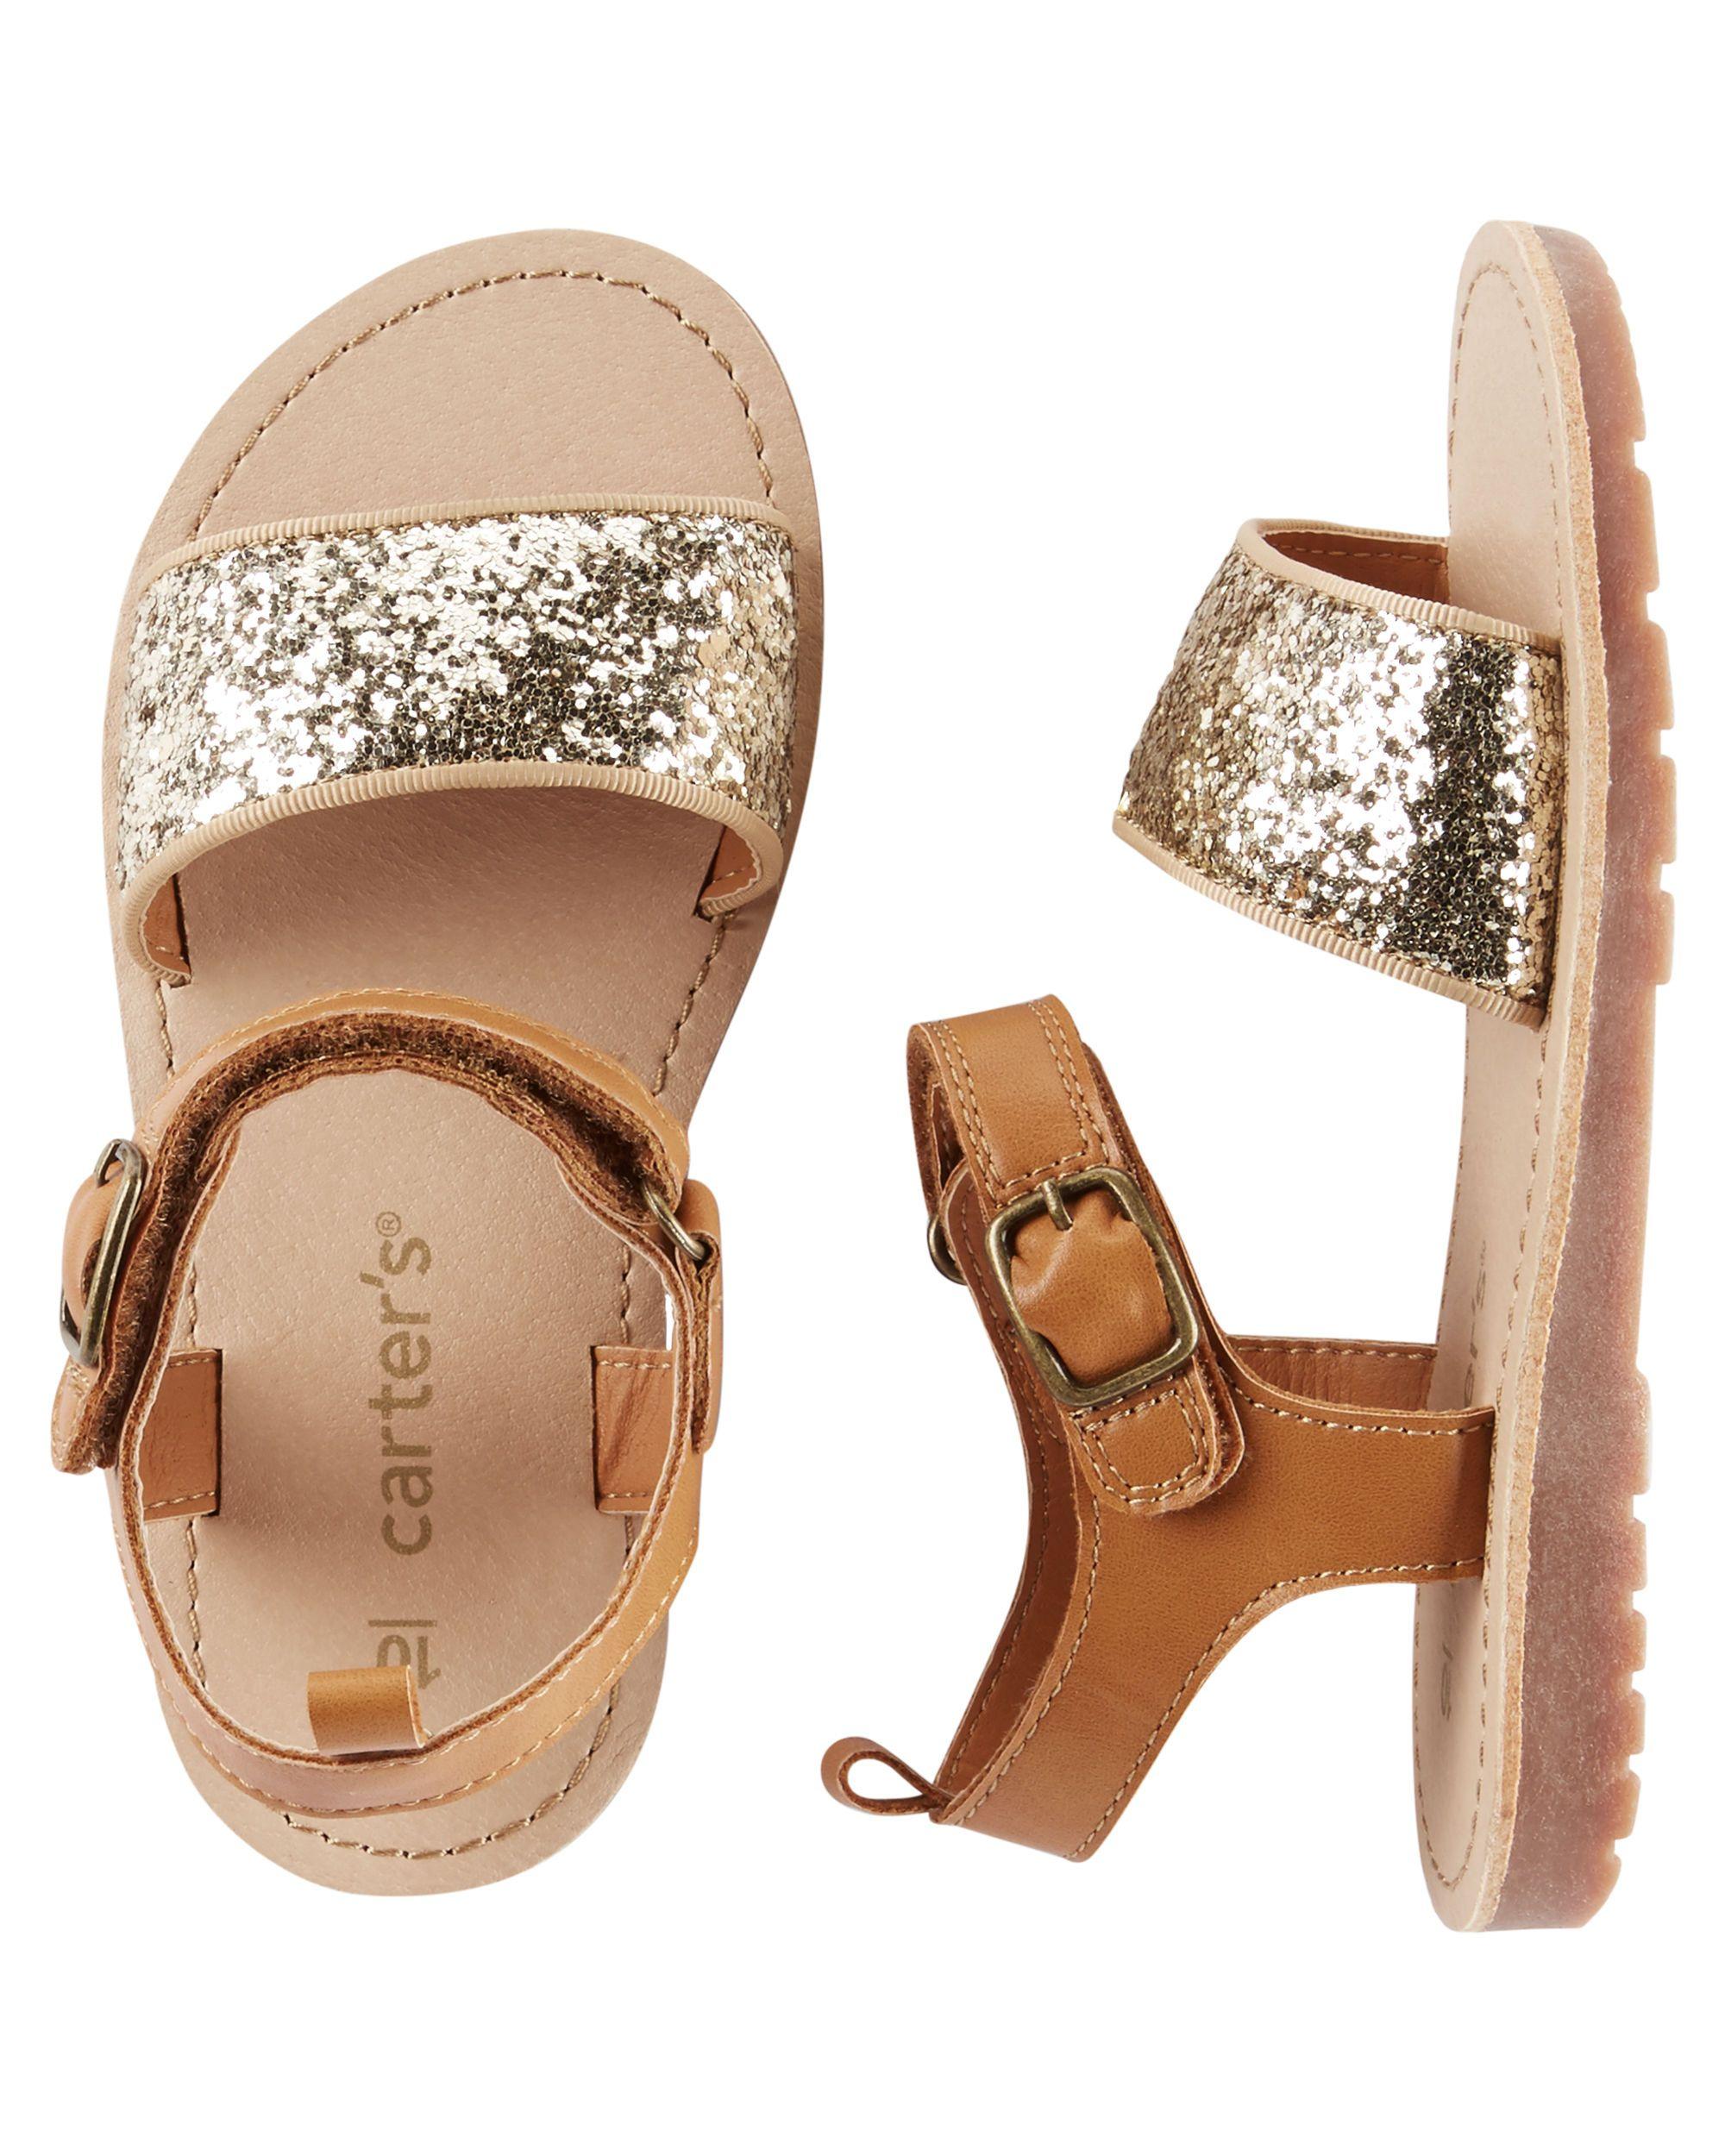 d9e0bc515a4 Baby Girl Carter s Glitter Strap Sandals